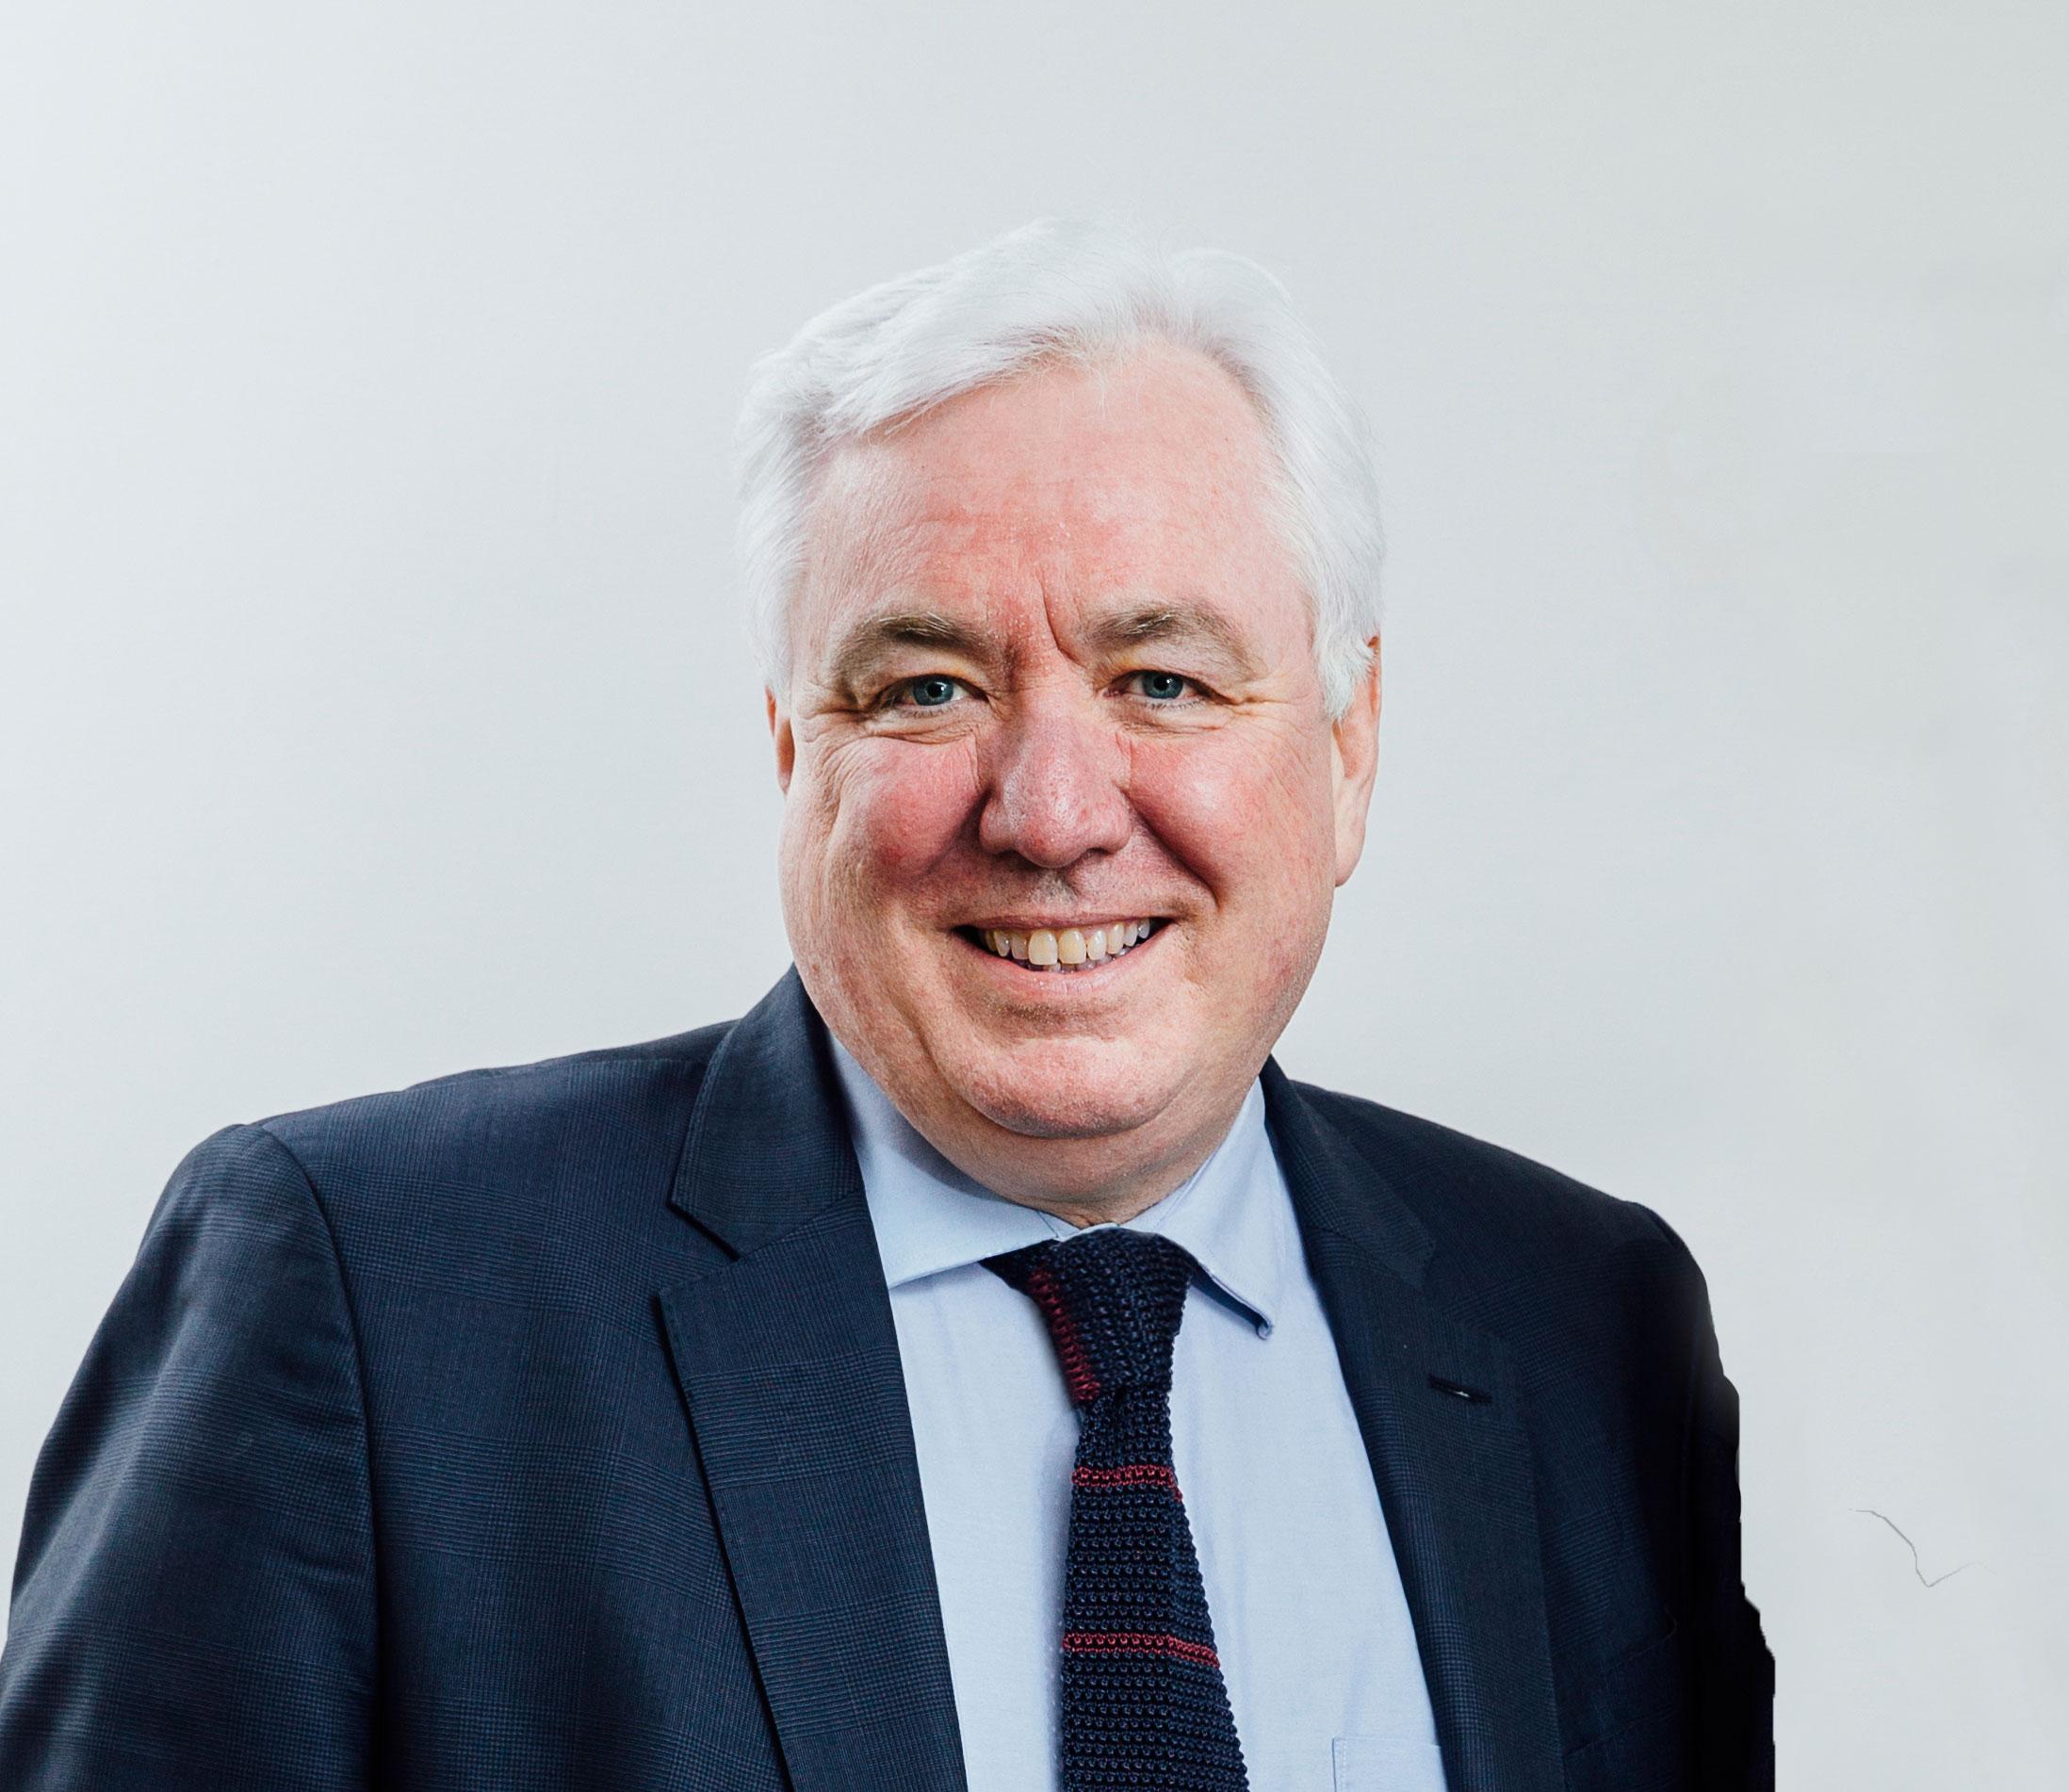 David Docherty OBE